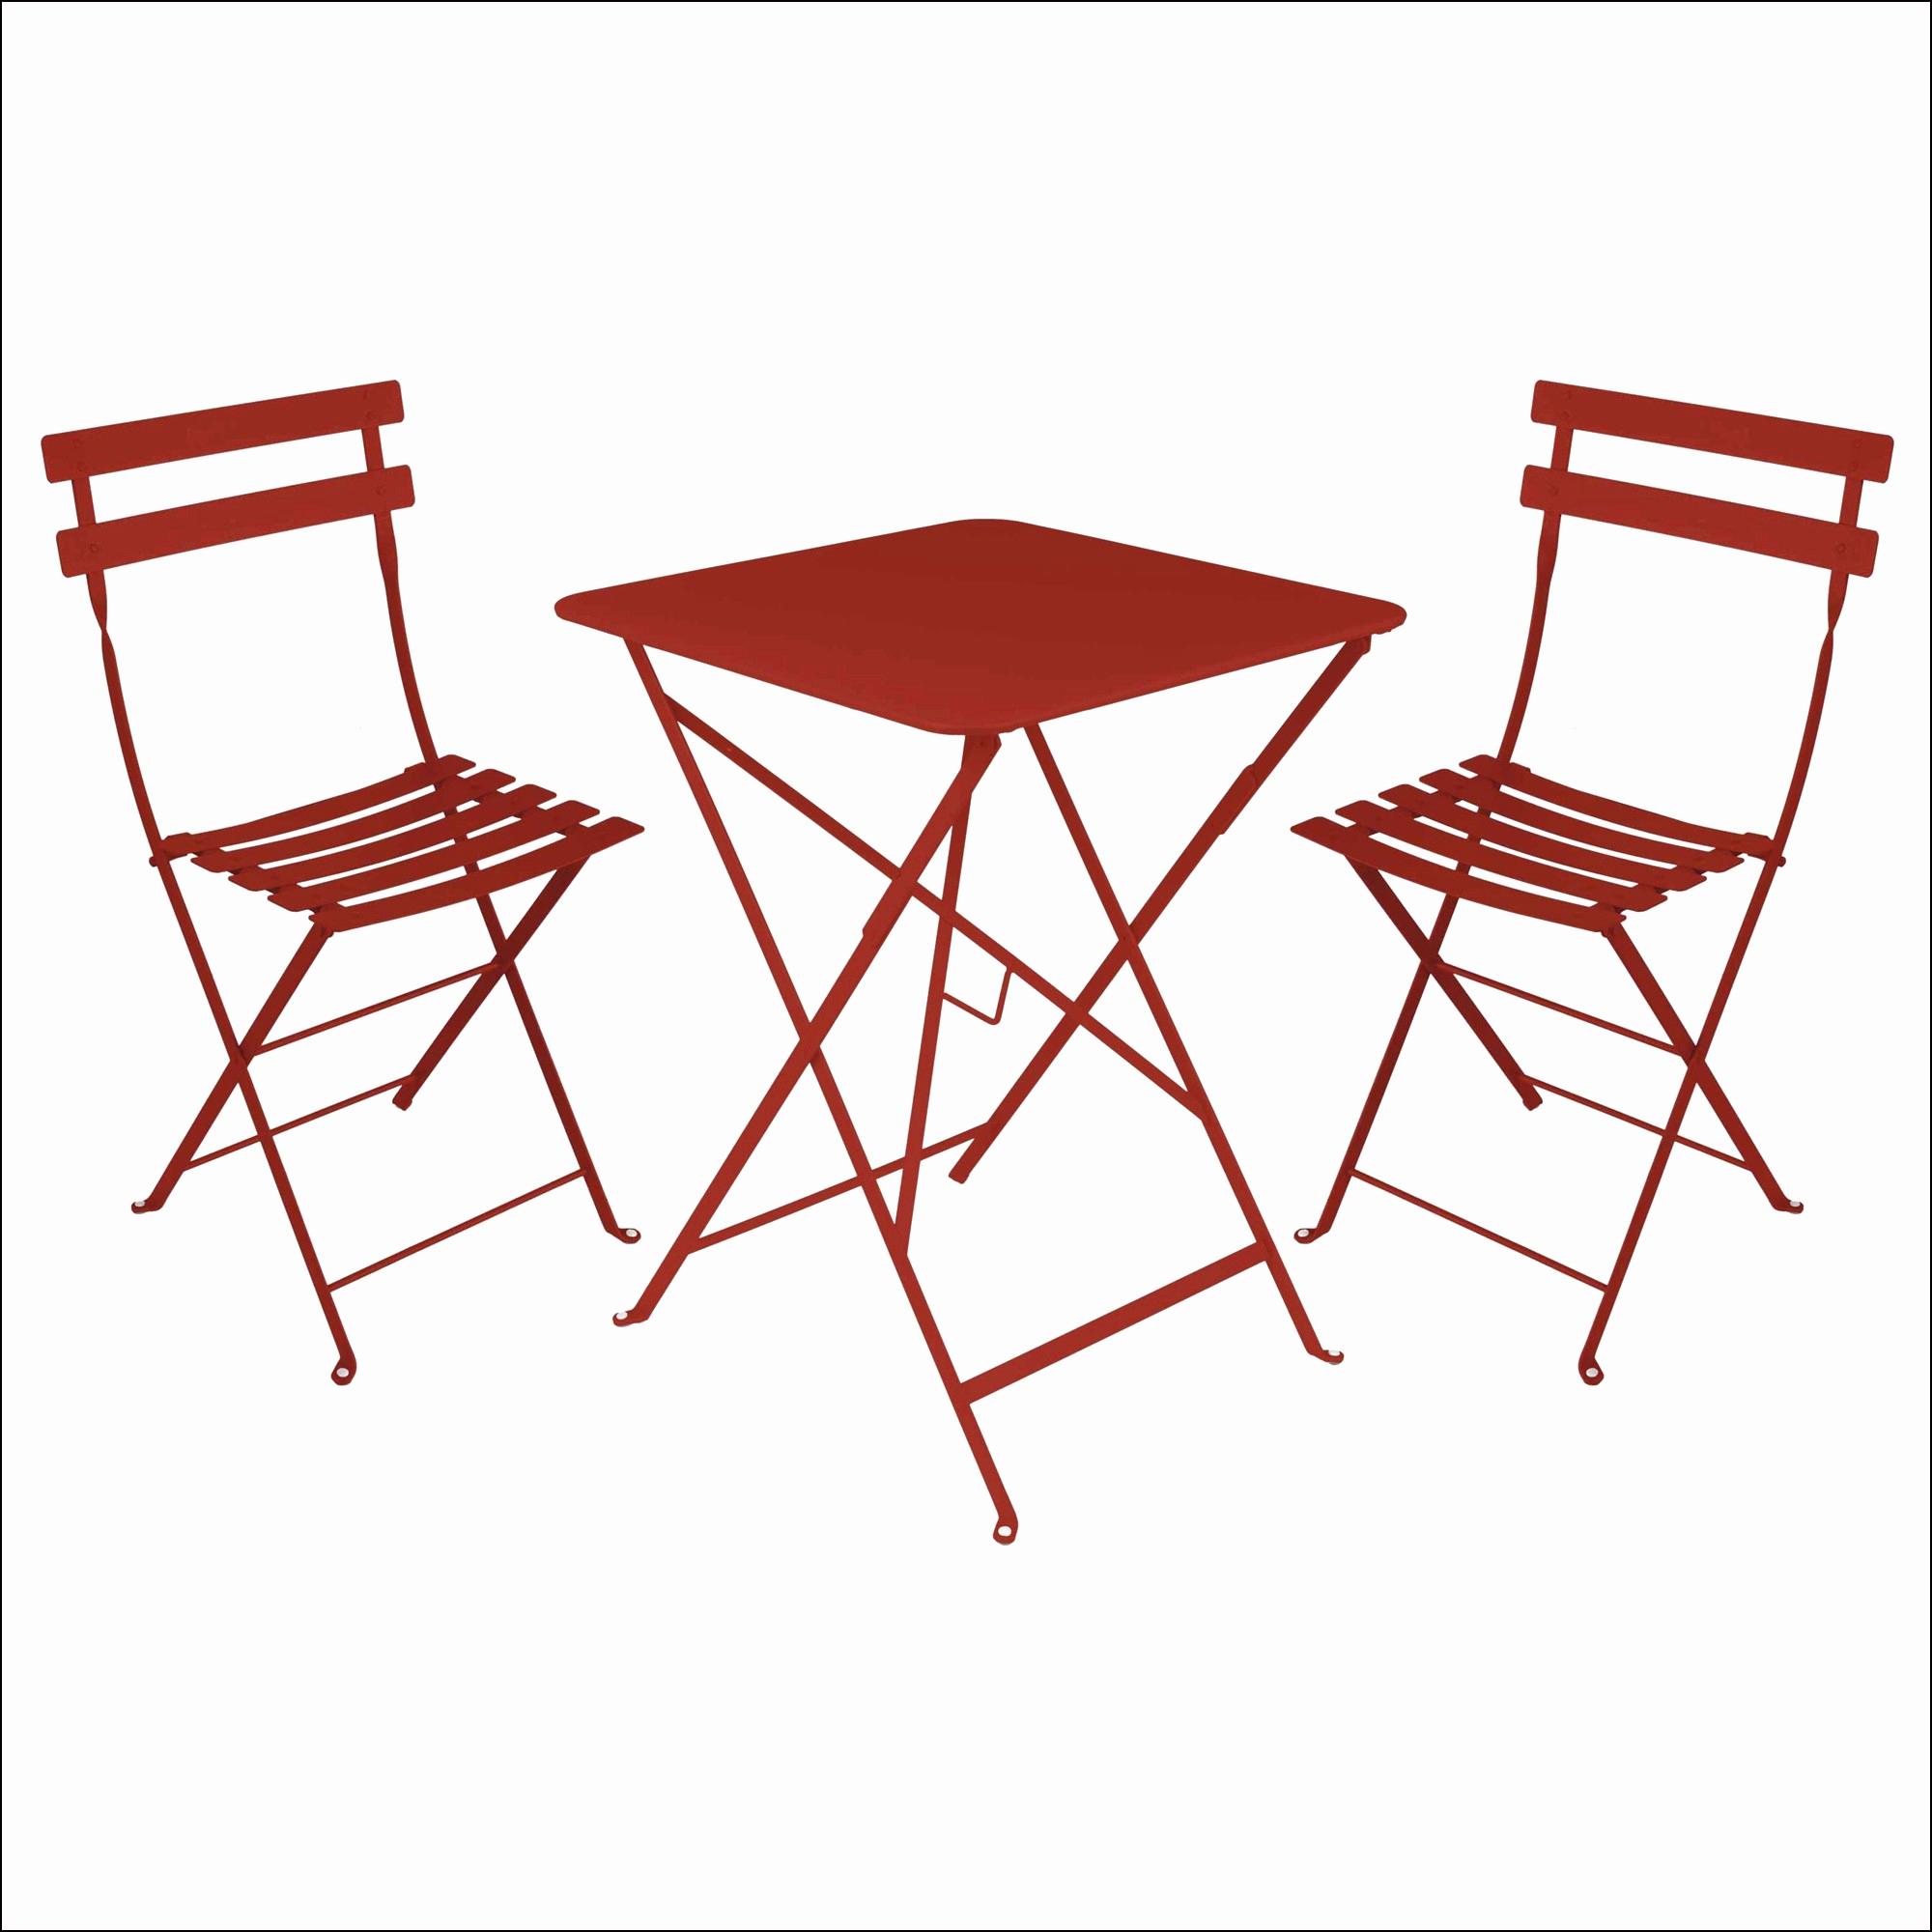 balancelle de jardin leclerc genial tonnelle de jardin leclerc impressionnant chaise de jardin leclerc of balancelle de jardin leclerc